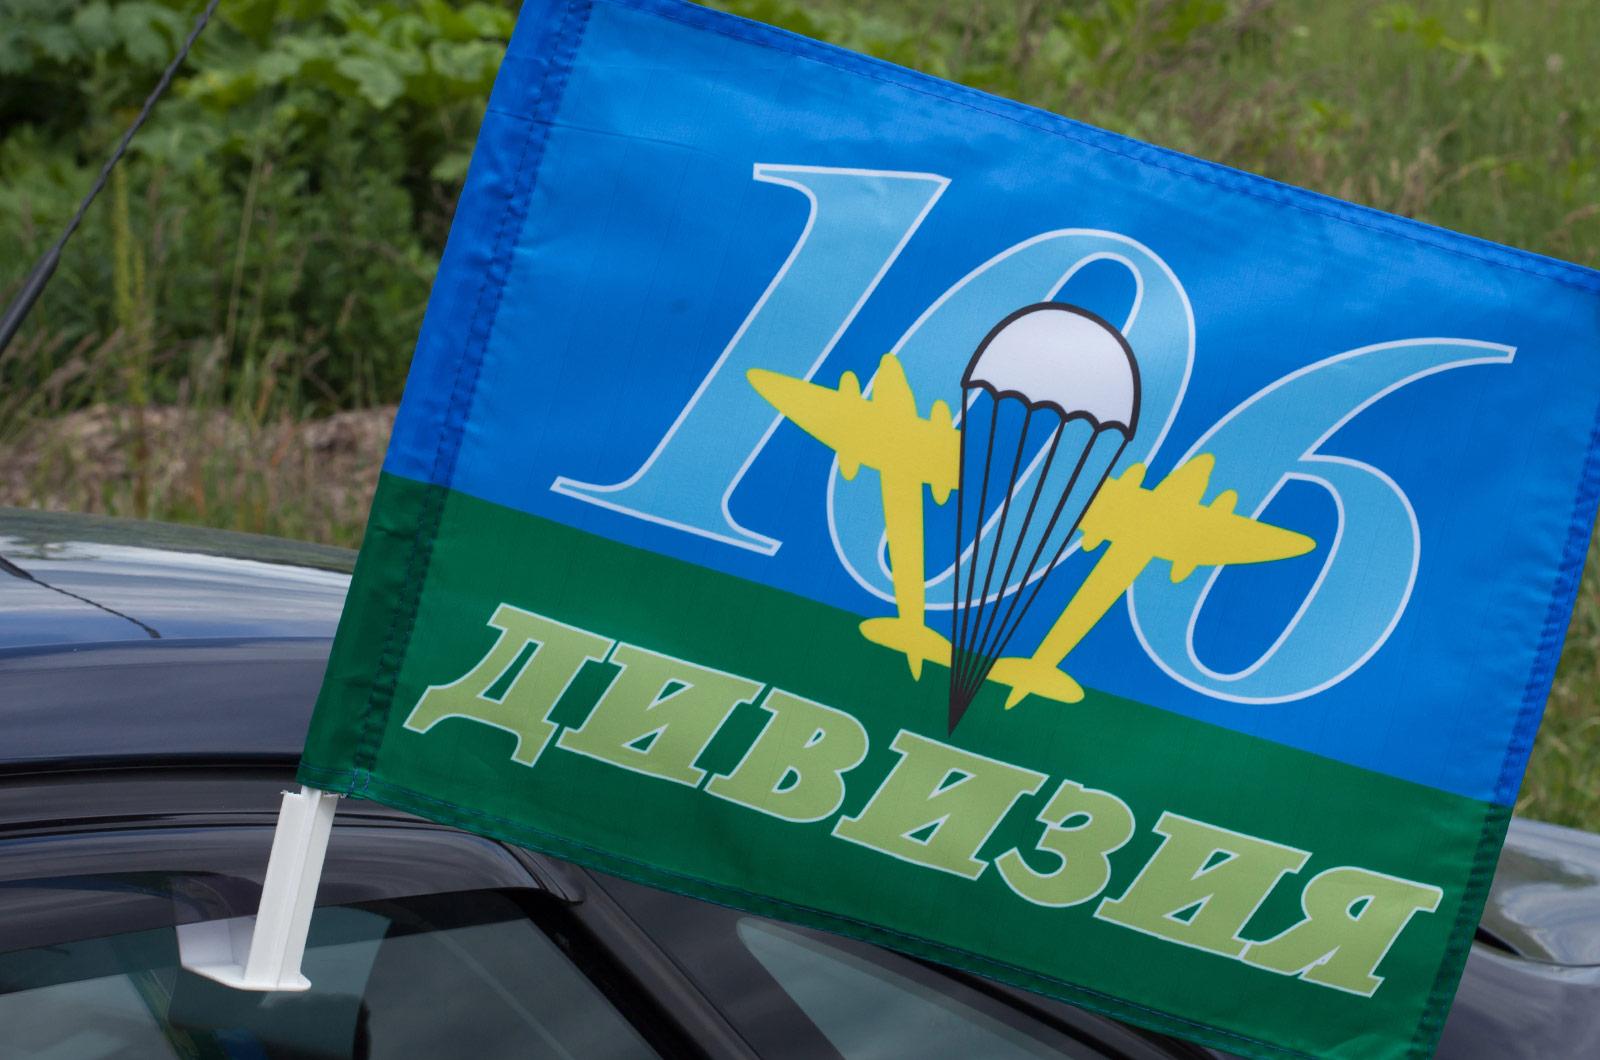 Флаг на машину с кронштейном 106 дивизия ВДВ